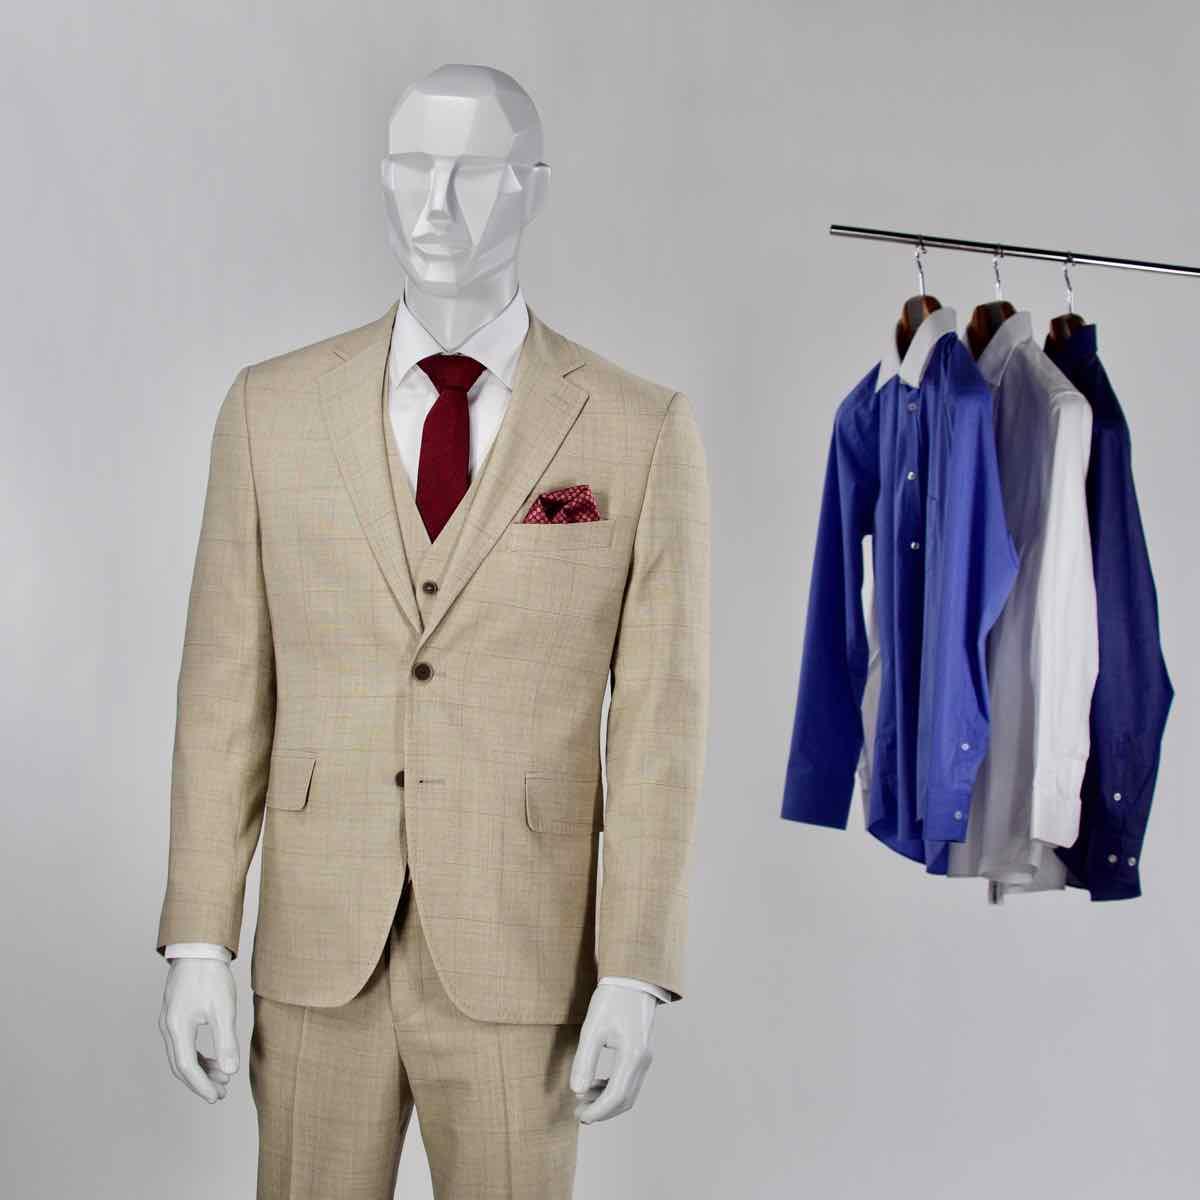 Wełniane garnitury od 257zł @ Próchnik